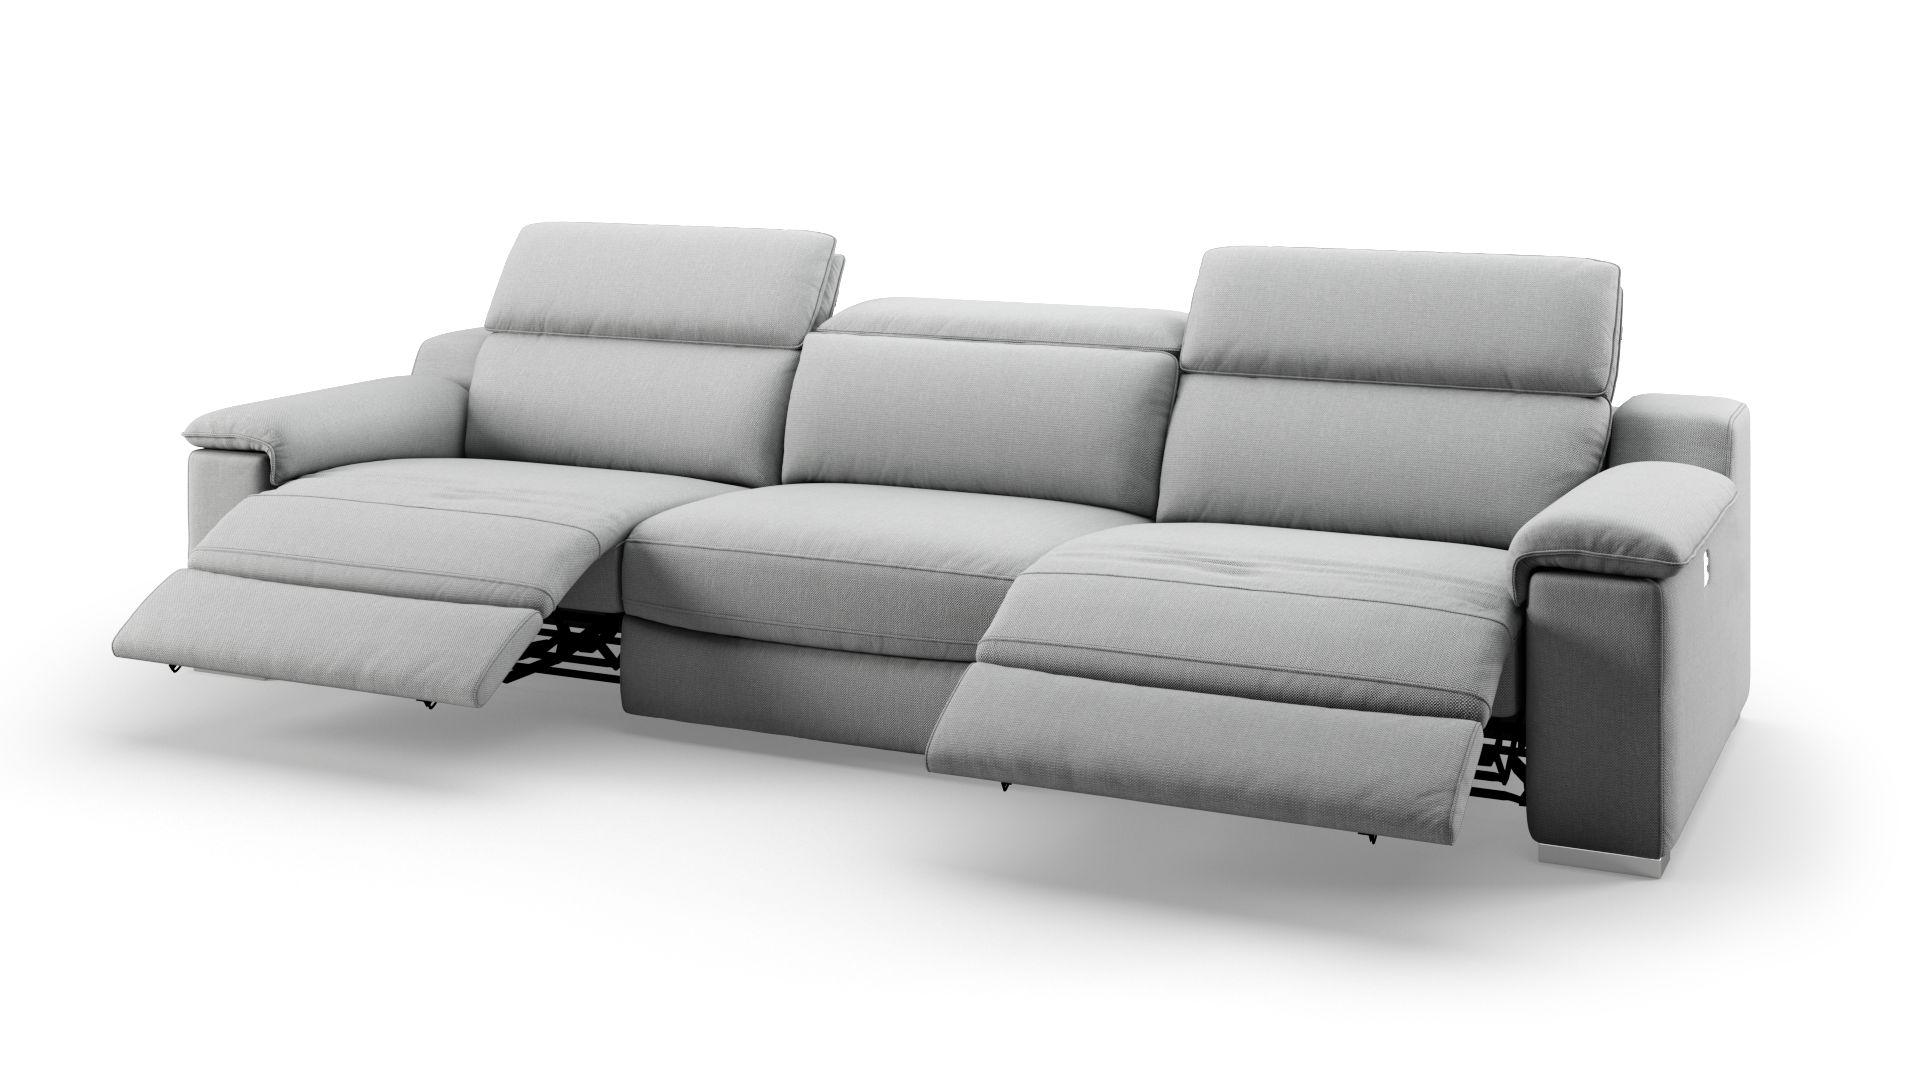 Full Size of Mein Sofa Ist Elektrisch Geladen Elektrische Relaxfunktion Stoff Microfaser Warum Neues Statisch Aufgeladen Mit Elektrischer Aufgeladen Was Tun Was Ausfahrbar Sofa Sofa Elektrisch